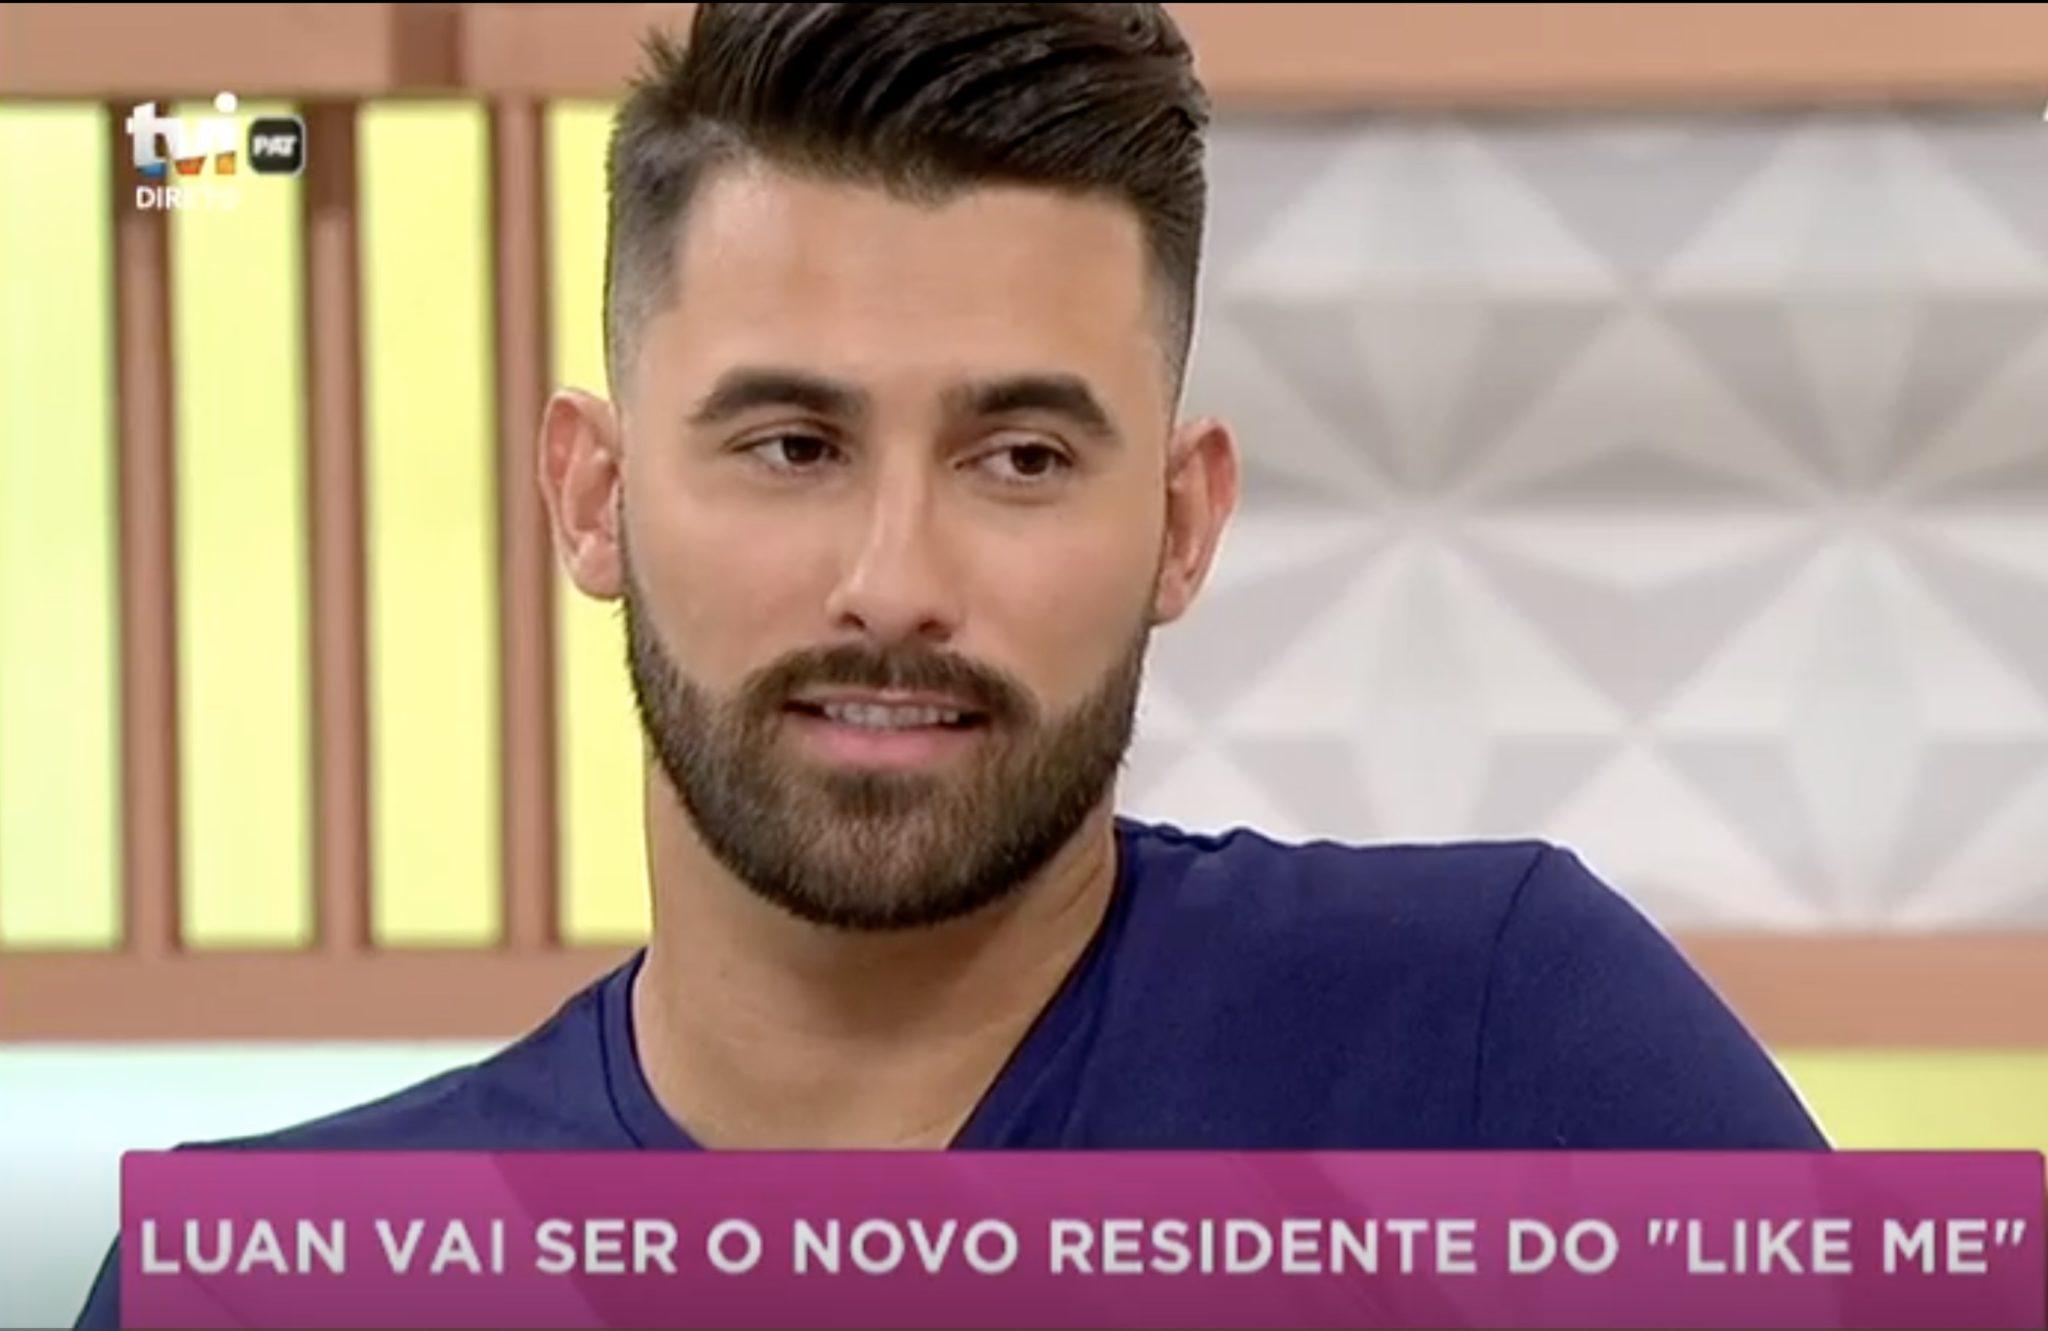 Like Me Luan Like Me: Luan Vai Entrar No Reality Show Da Tvi E Ser Adversário De Tiago